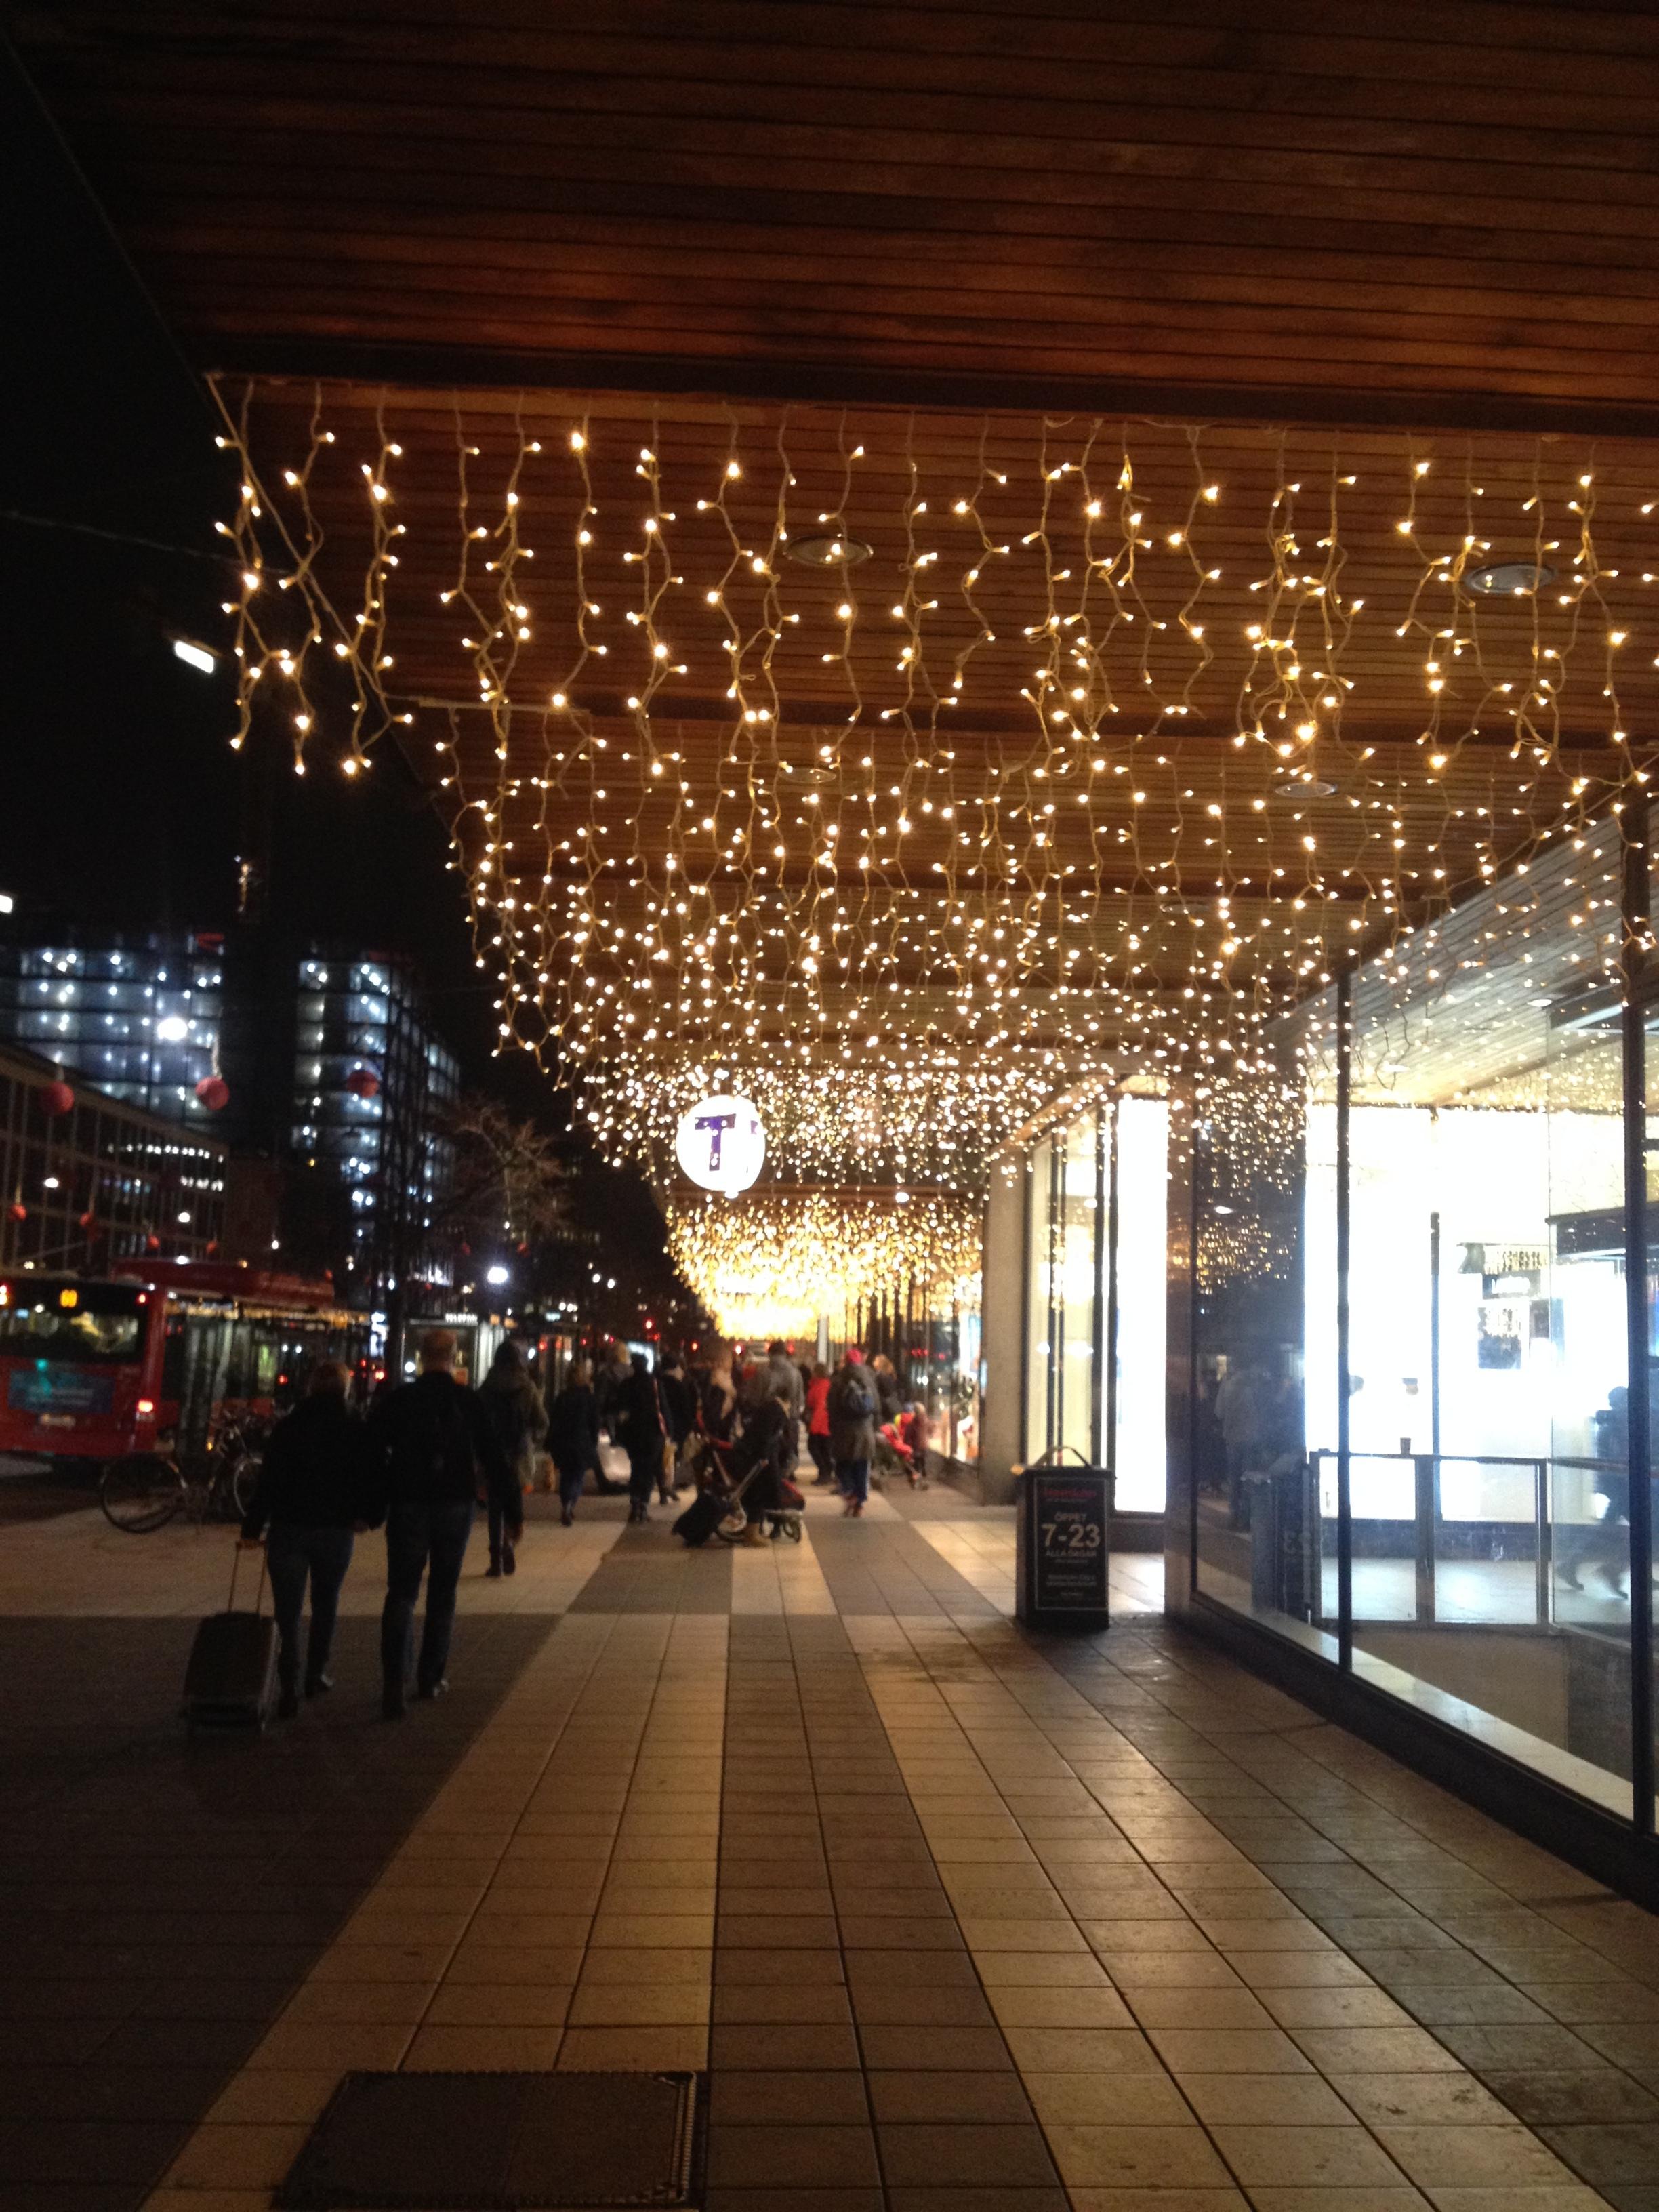 Walkway Lights | Tall GIrl Meets World